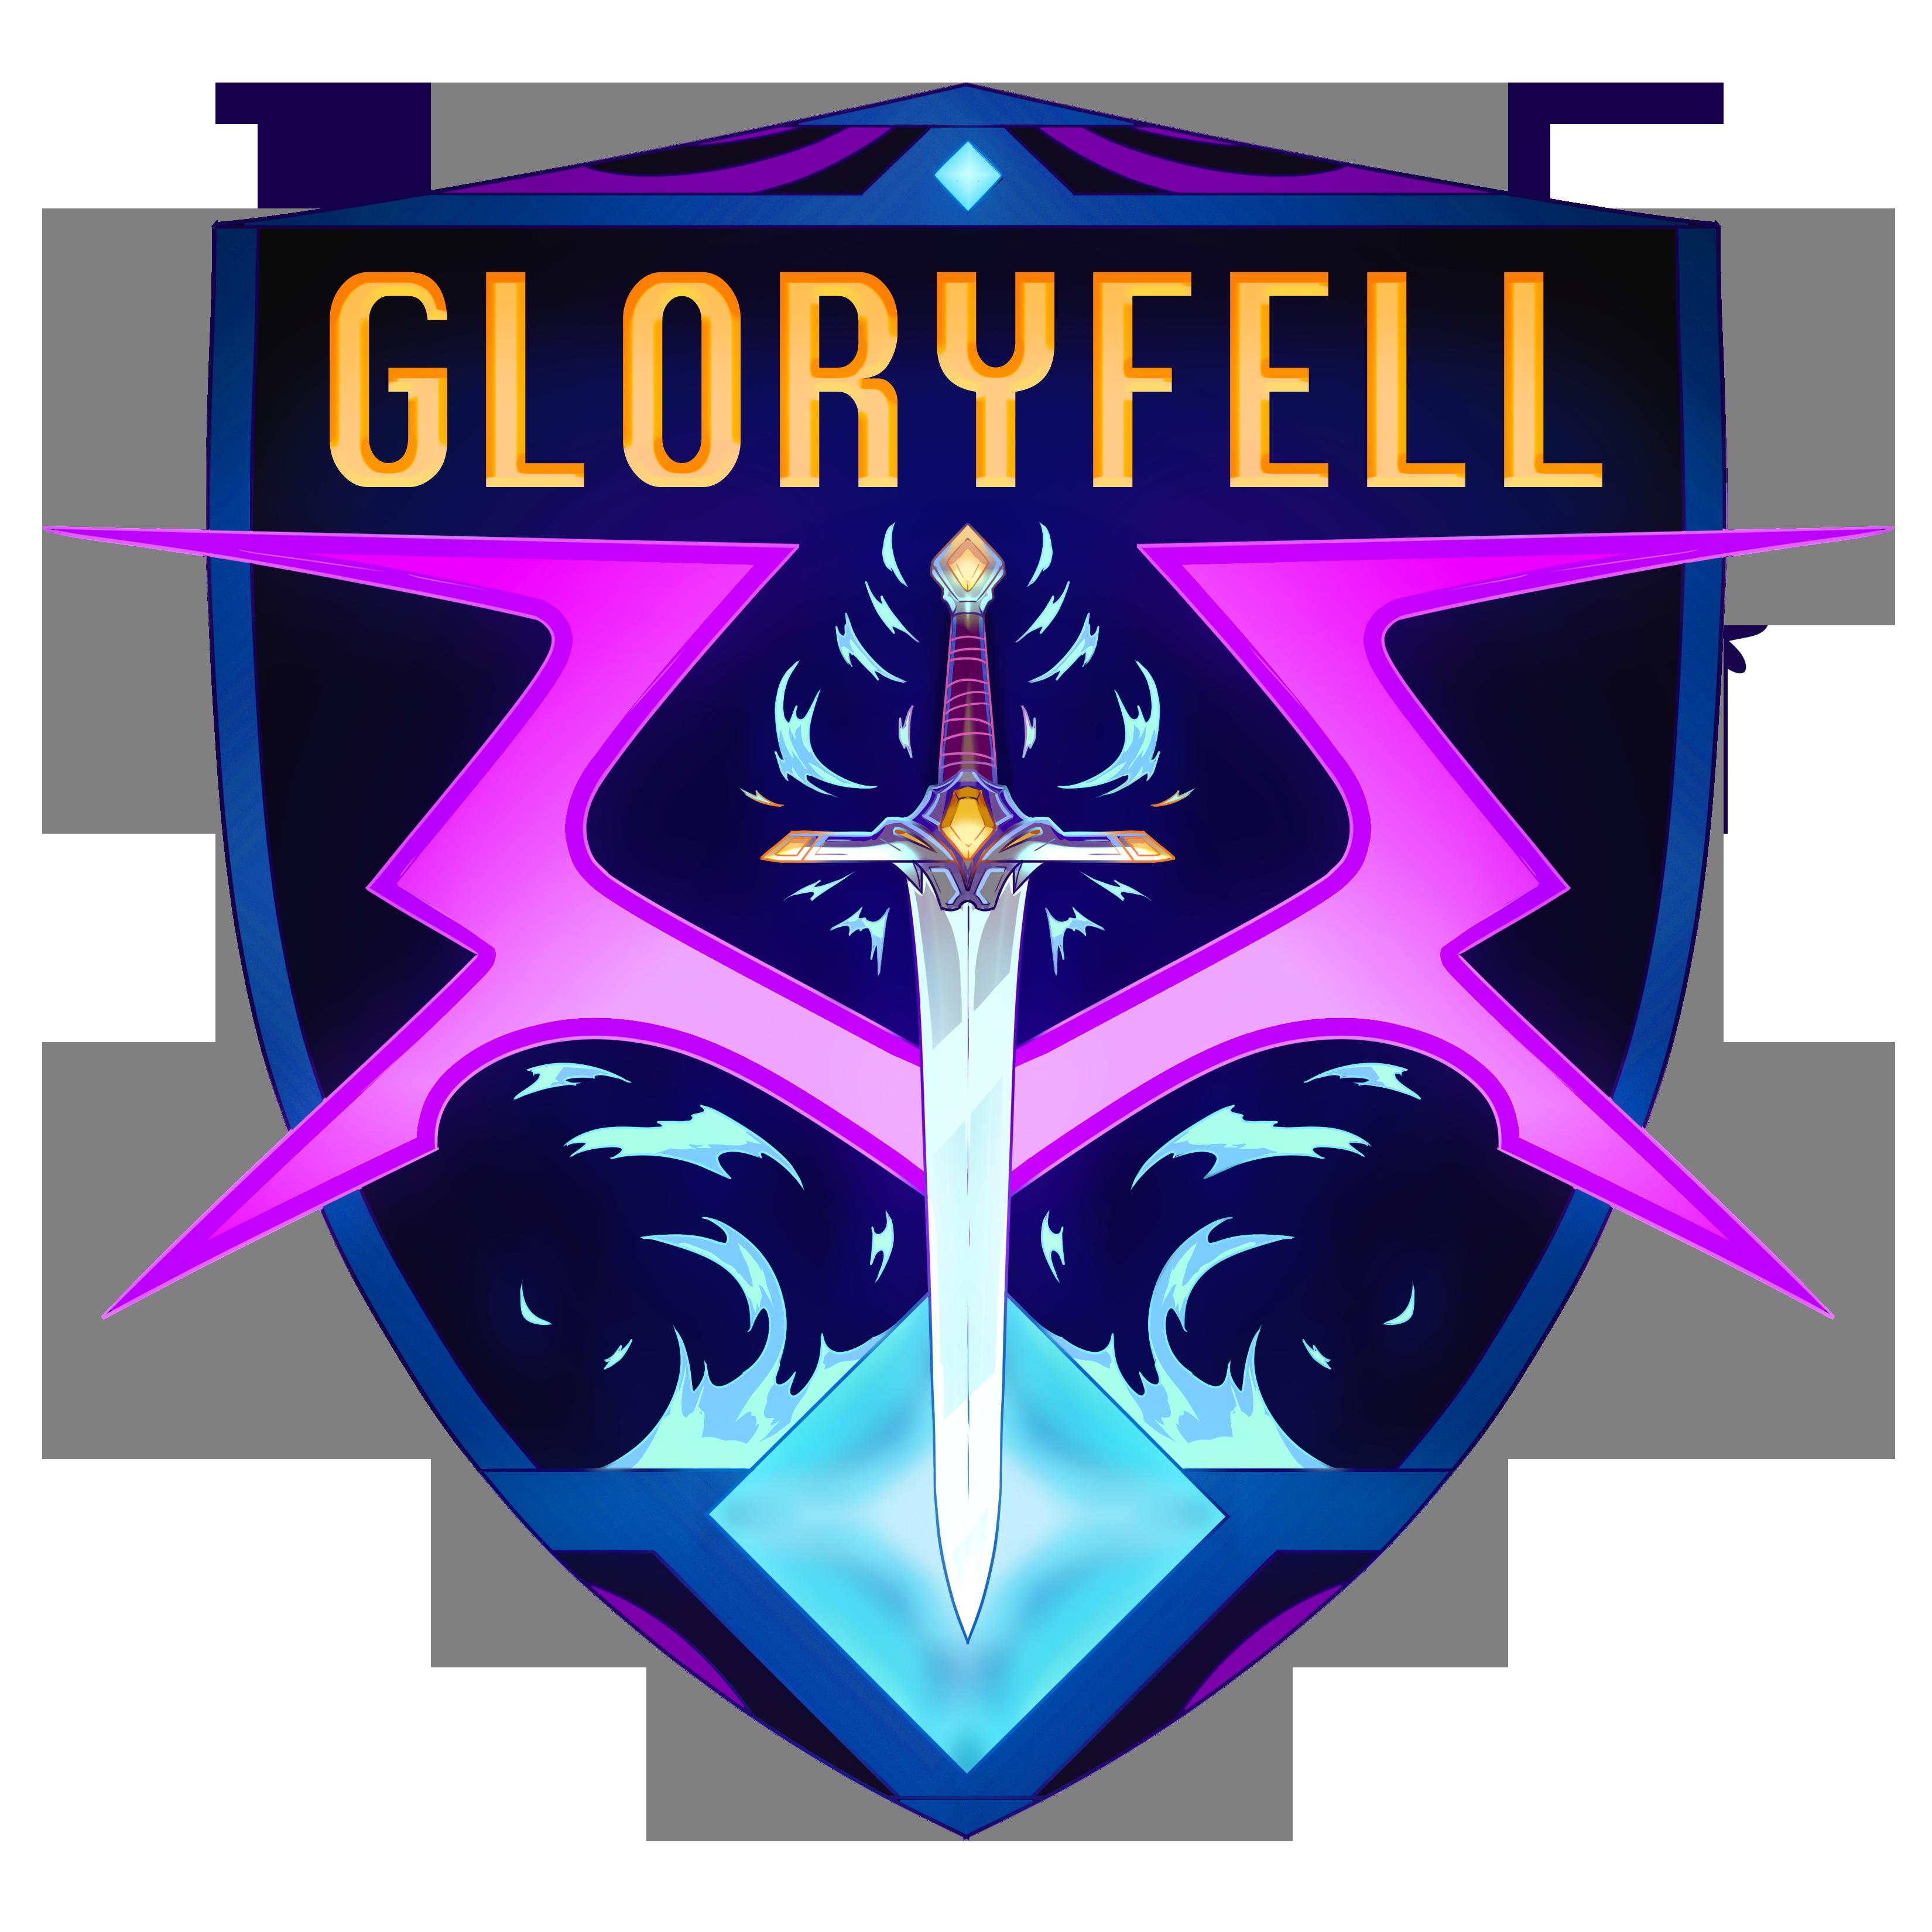 Gloryfell